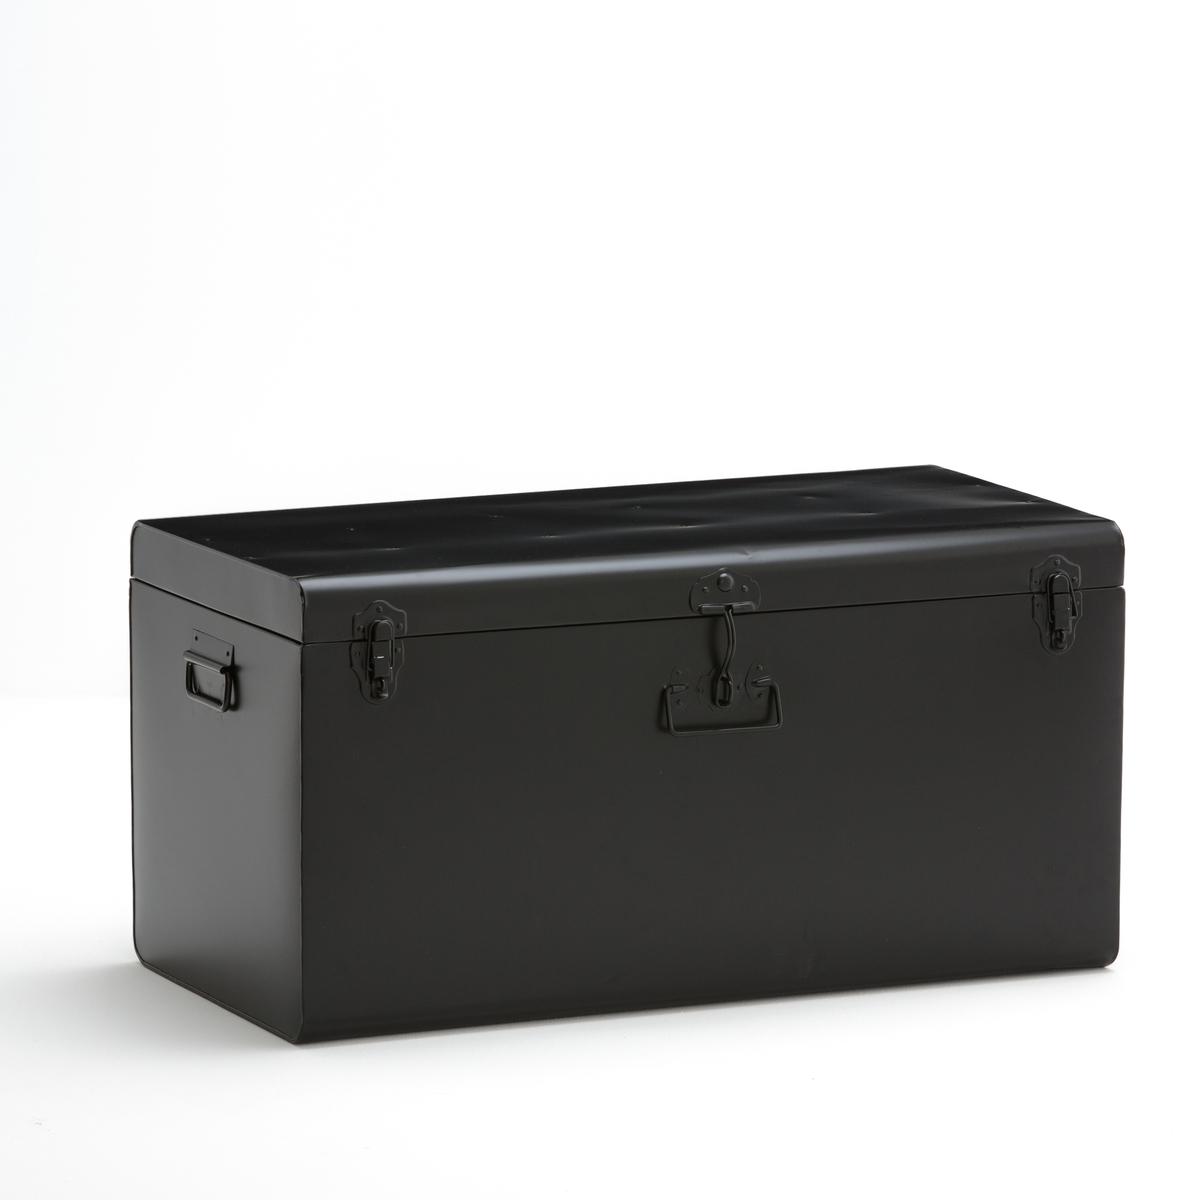 Сундук металлический DeniseВ стиле старых дорожных чемоданов, этот симпатичный металлический сундук идеален для хранения журналов, фотографий, одежды    Из оцинкованного металла. 2 ручки по бокам, 1 спереди.Закрывается на 3 защелки спереди. Размеры. Ш.80 x В.40 x Г.40 см.<br><br>Цвет: серый,черный